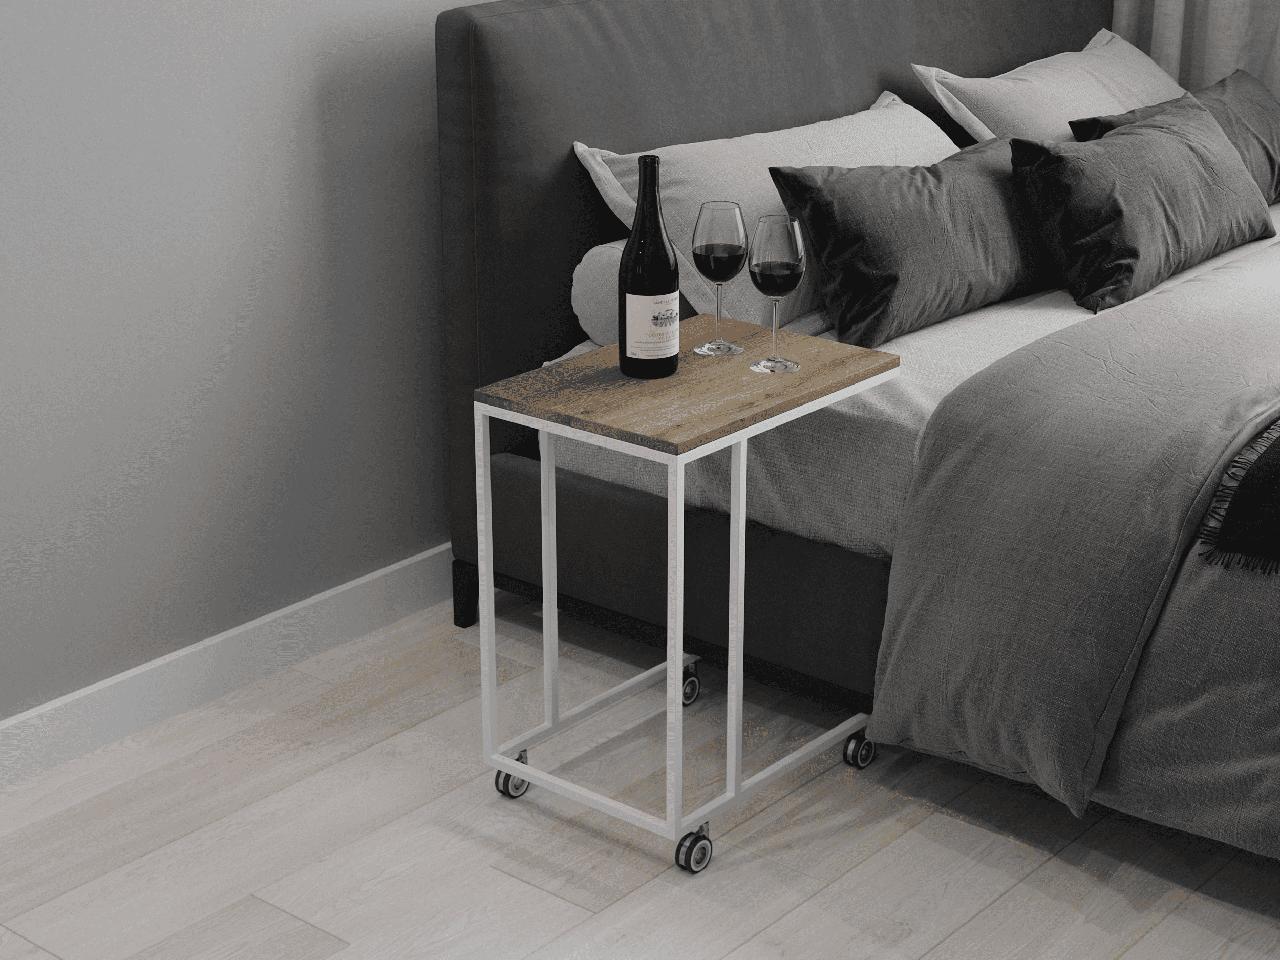 Приставний журнальний столик до дивана і ліжка з ДСП. КОД: VZ-24